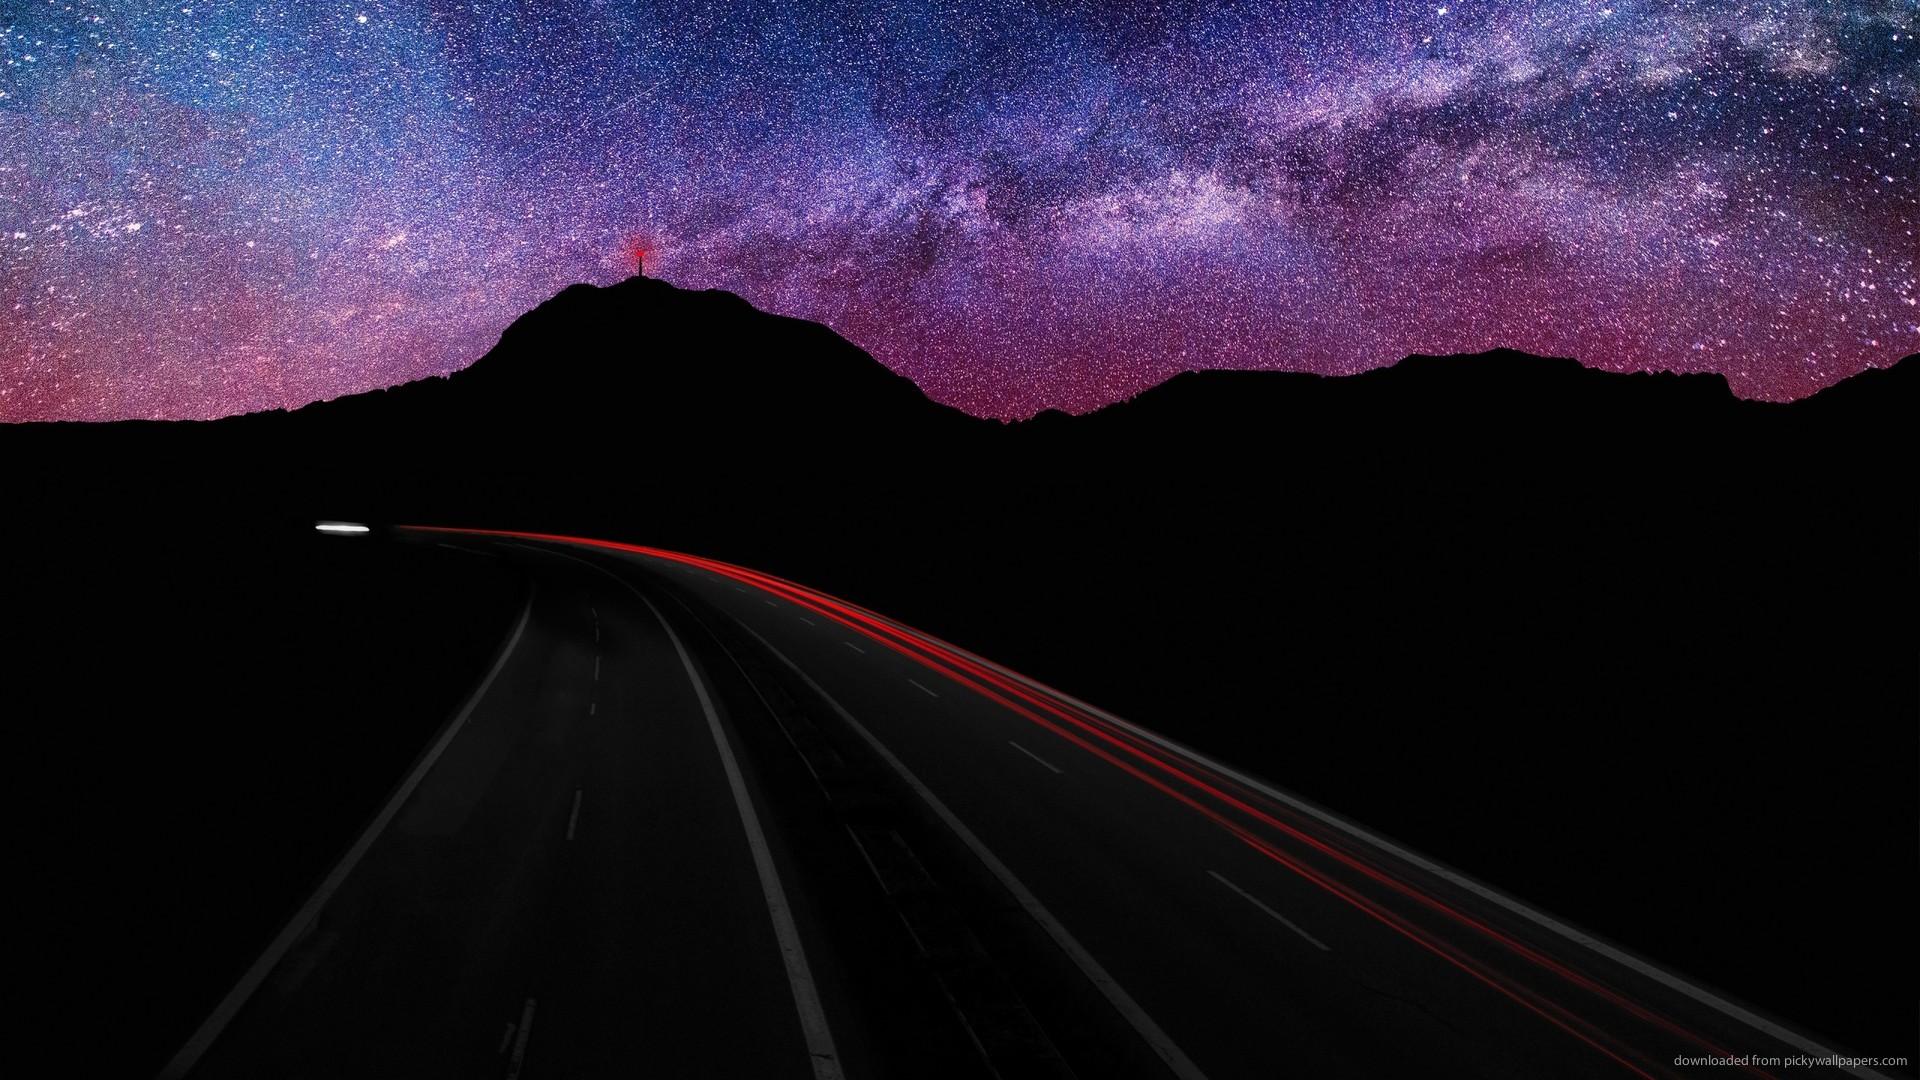 sky full of stars wallpaper wallpapersafari